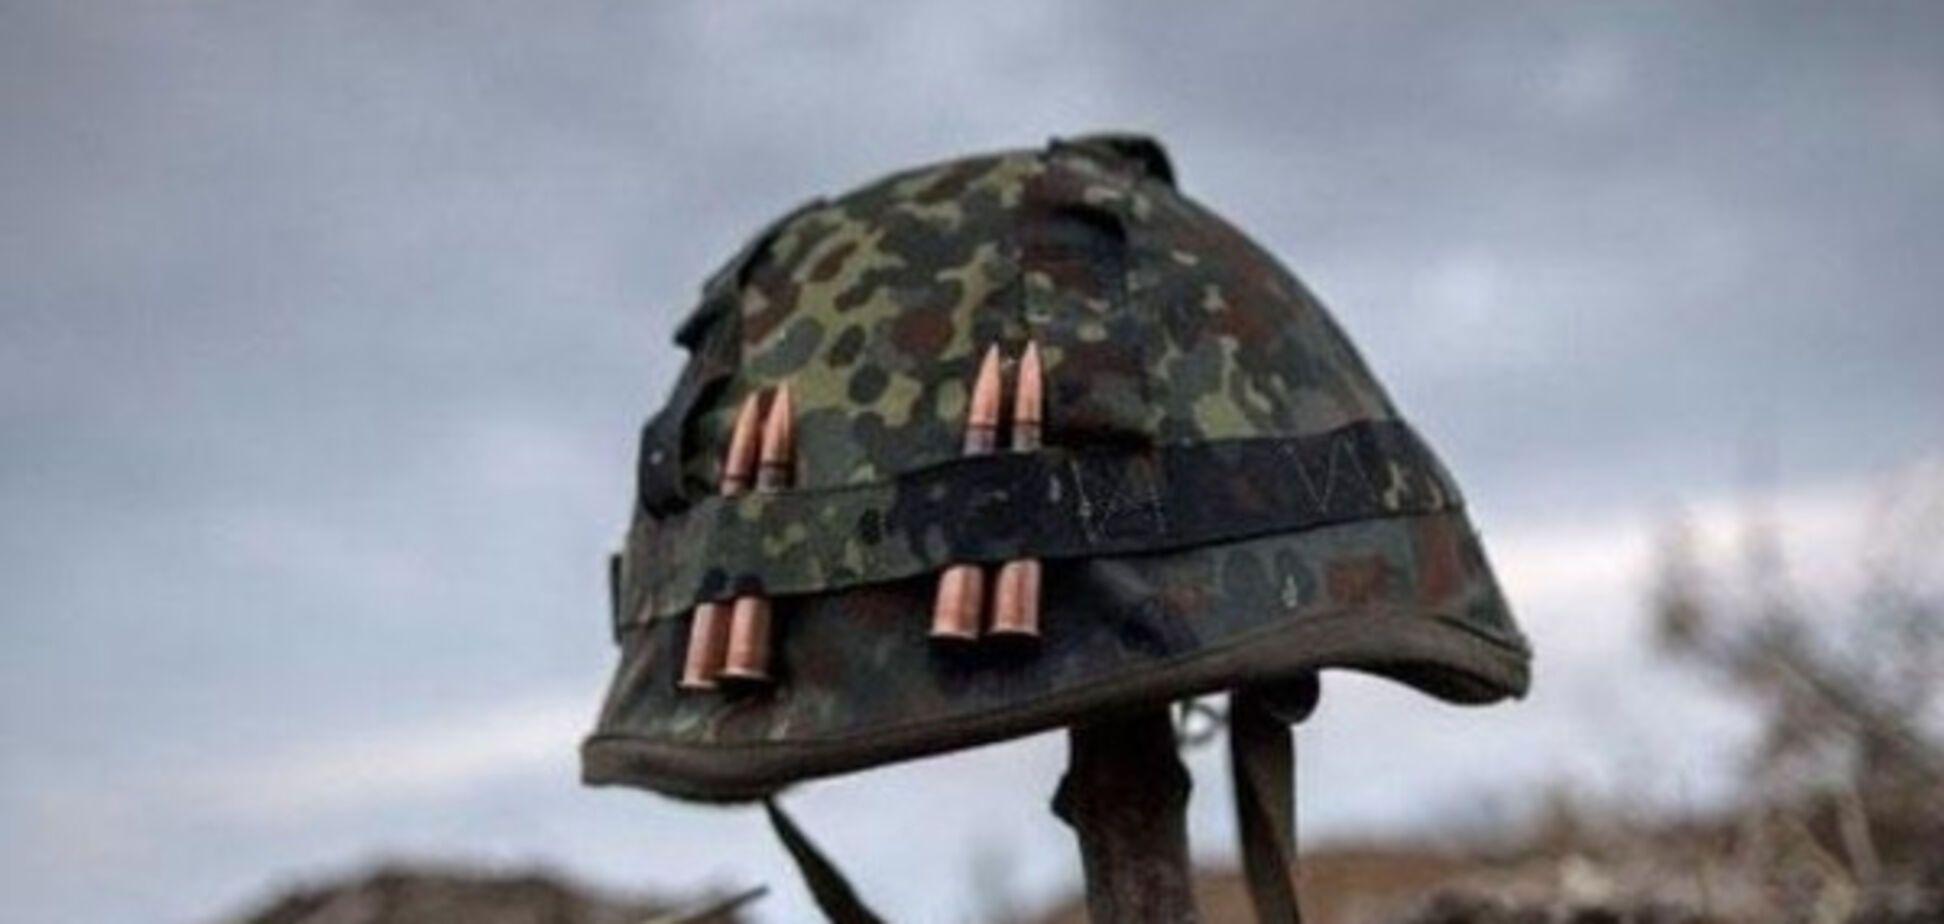 Захищали Україну: названі імена бійців, які загинули 20 квітня під Авдіївкою